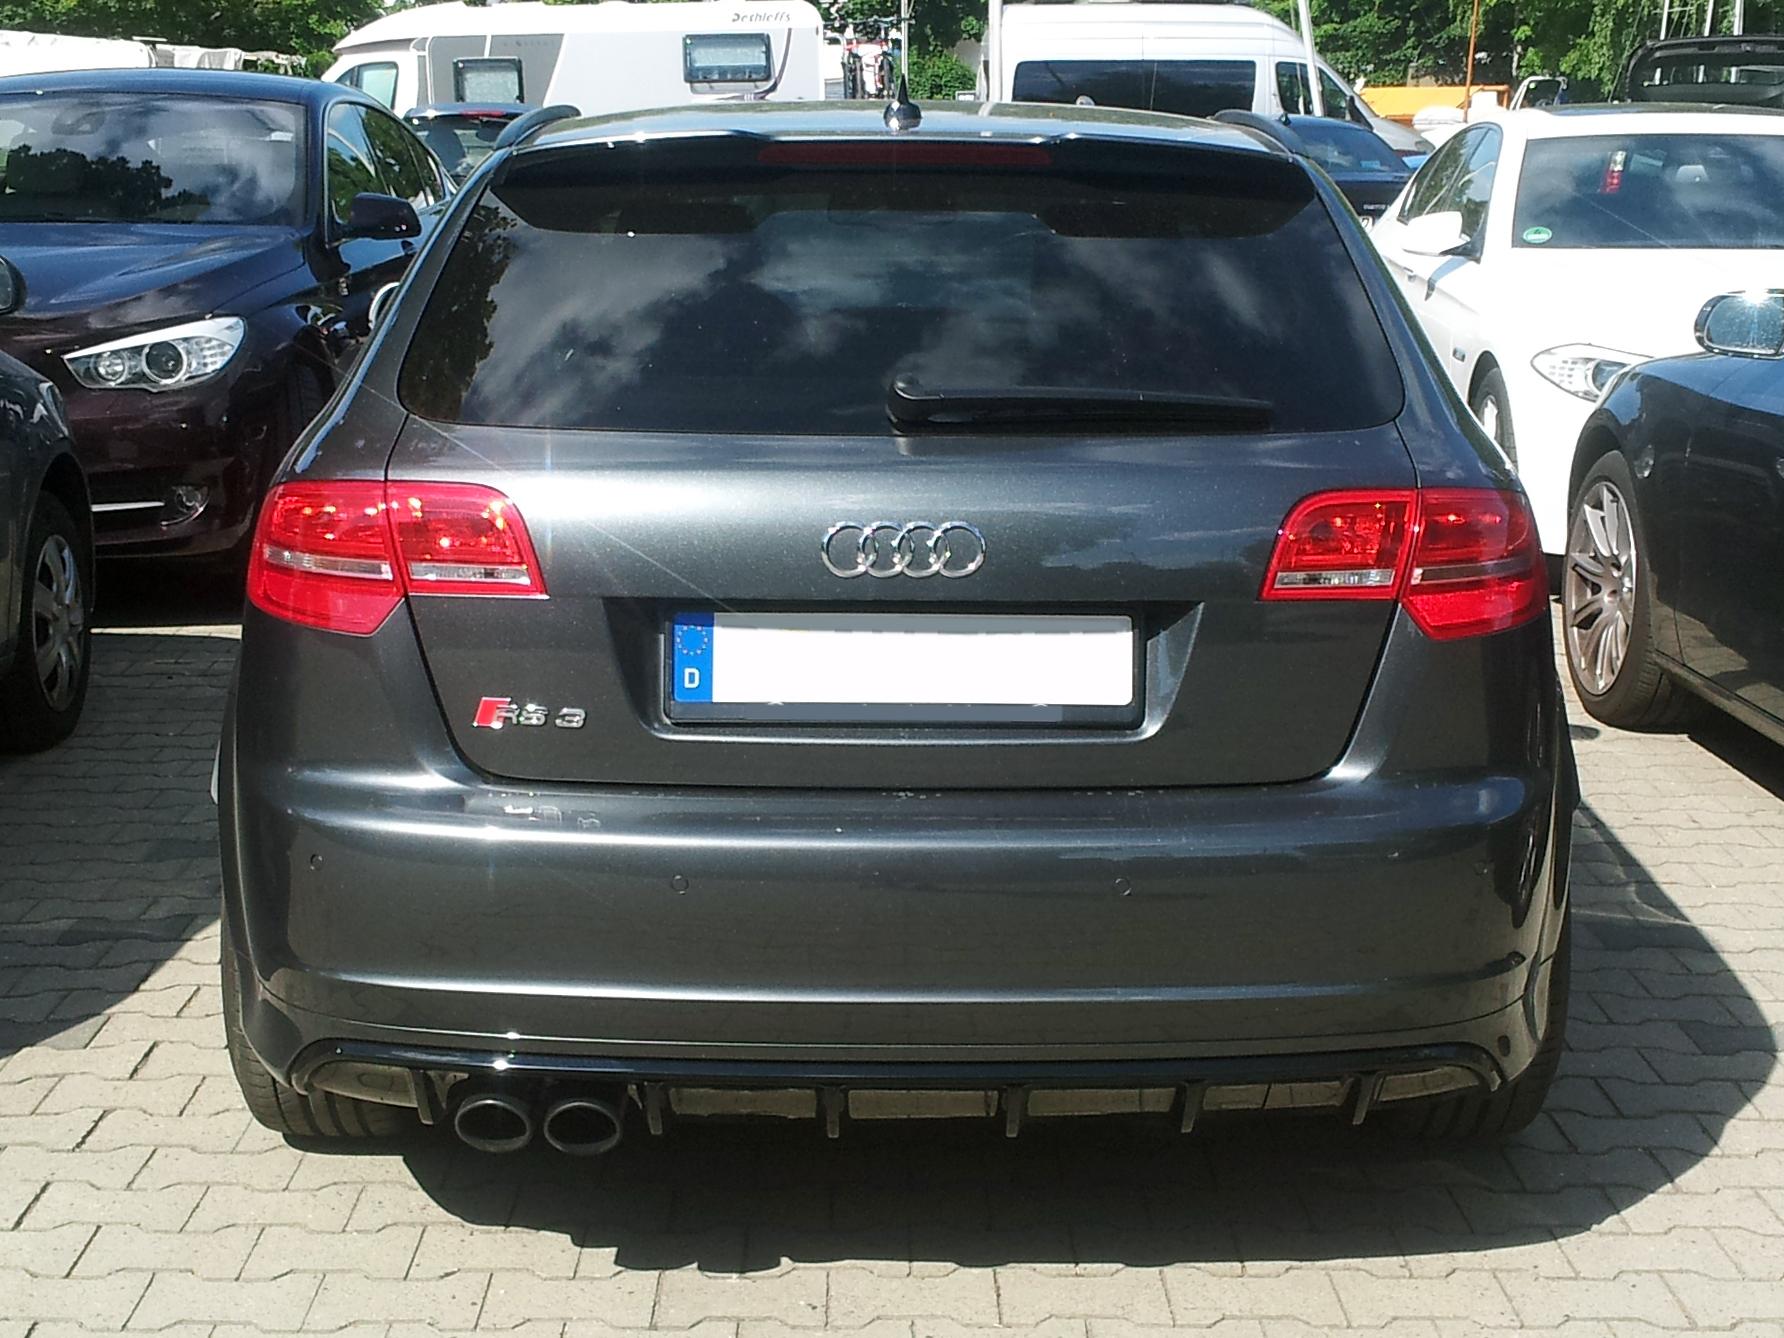 Audi rs3 wiki plugs 13